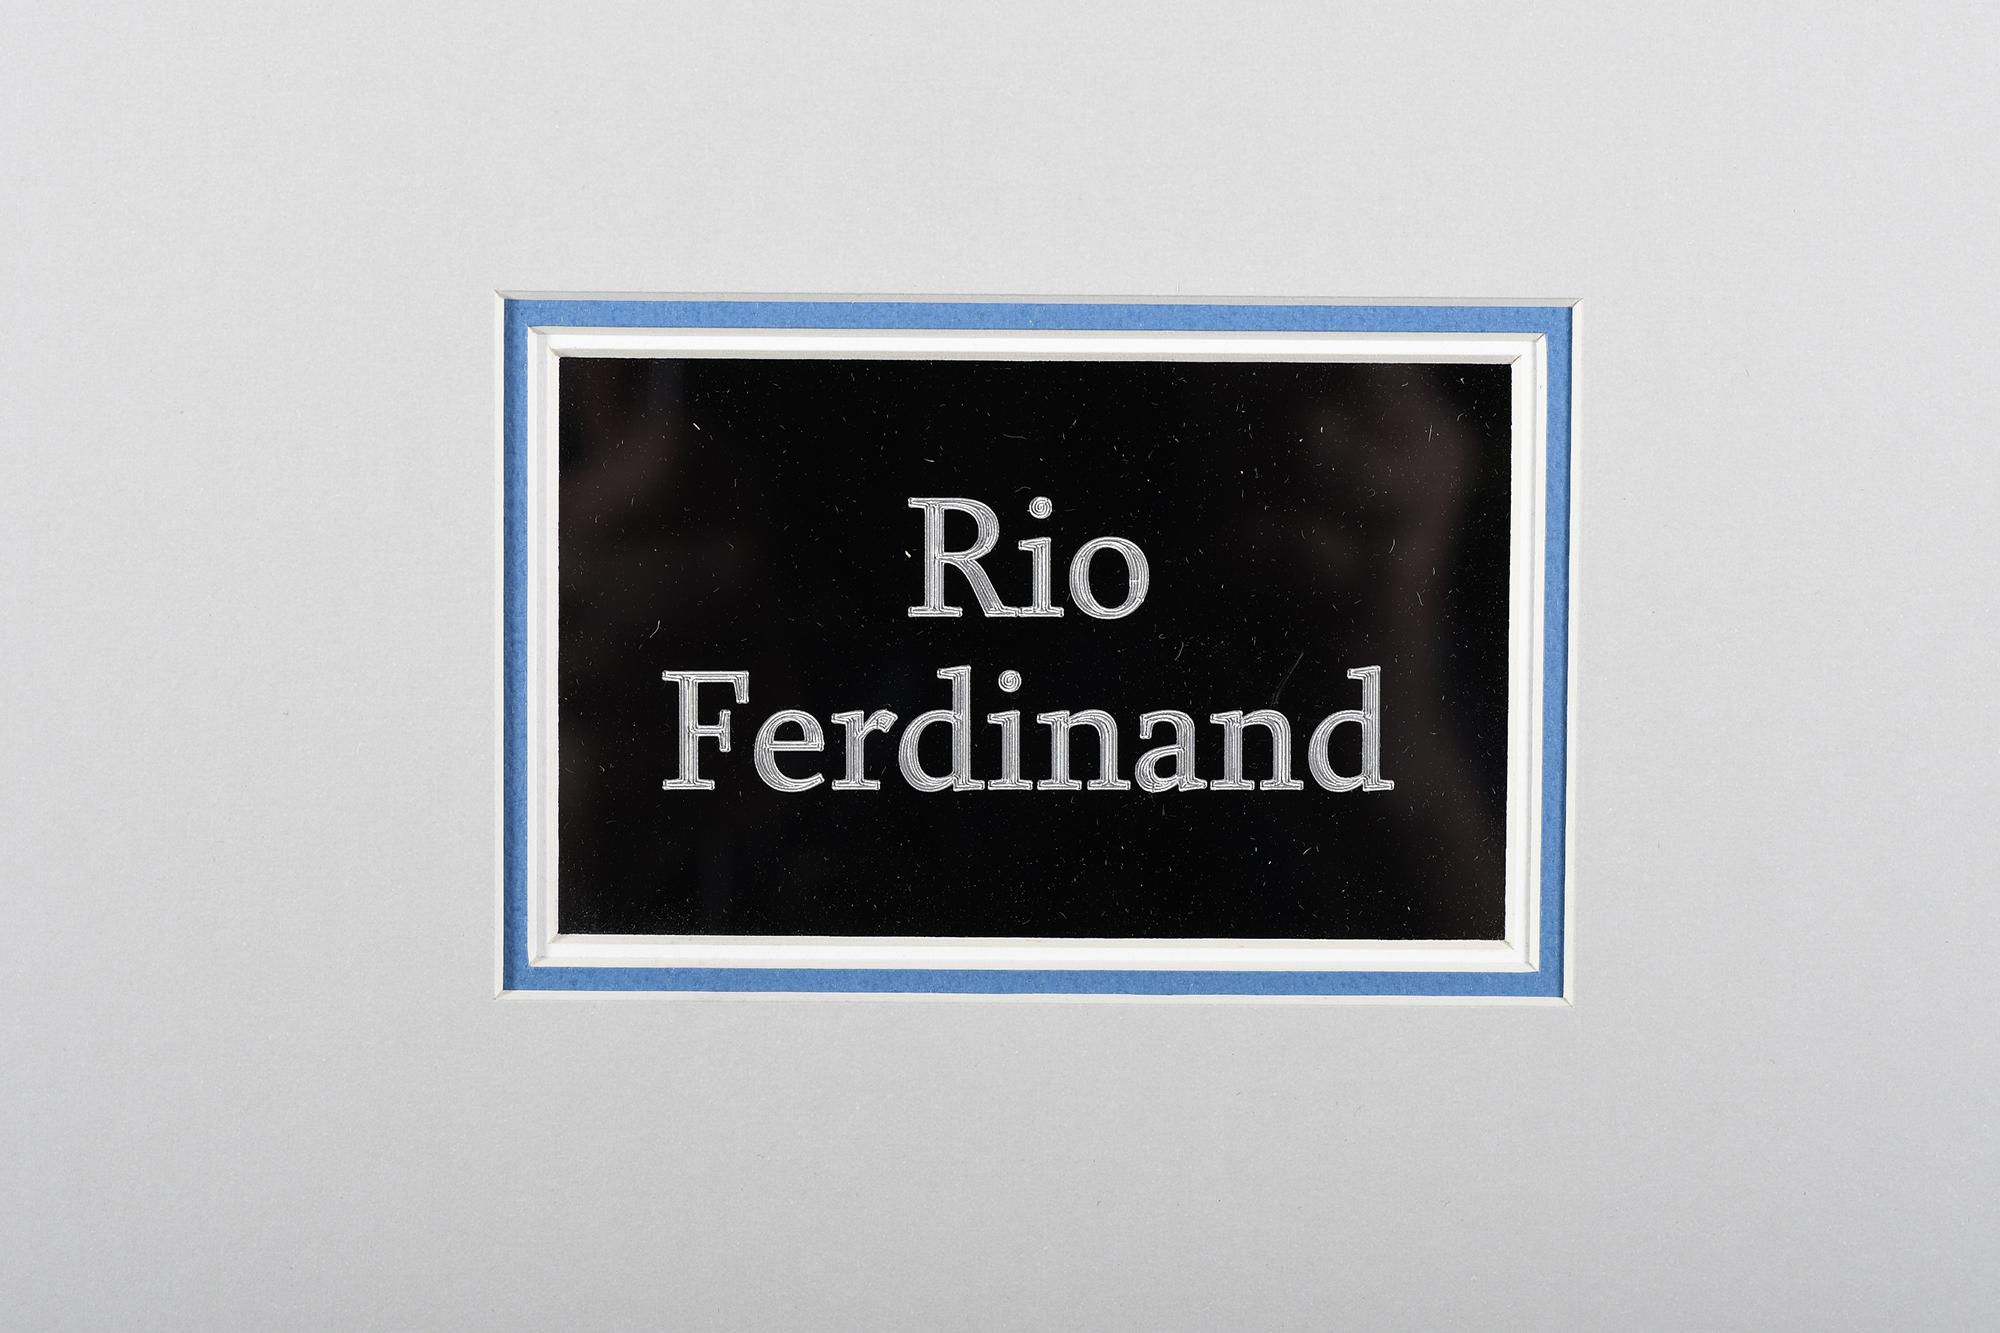 RIO FERDINAND SIGNATURE PRESENTATION